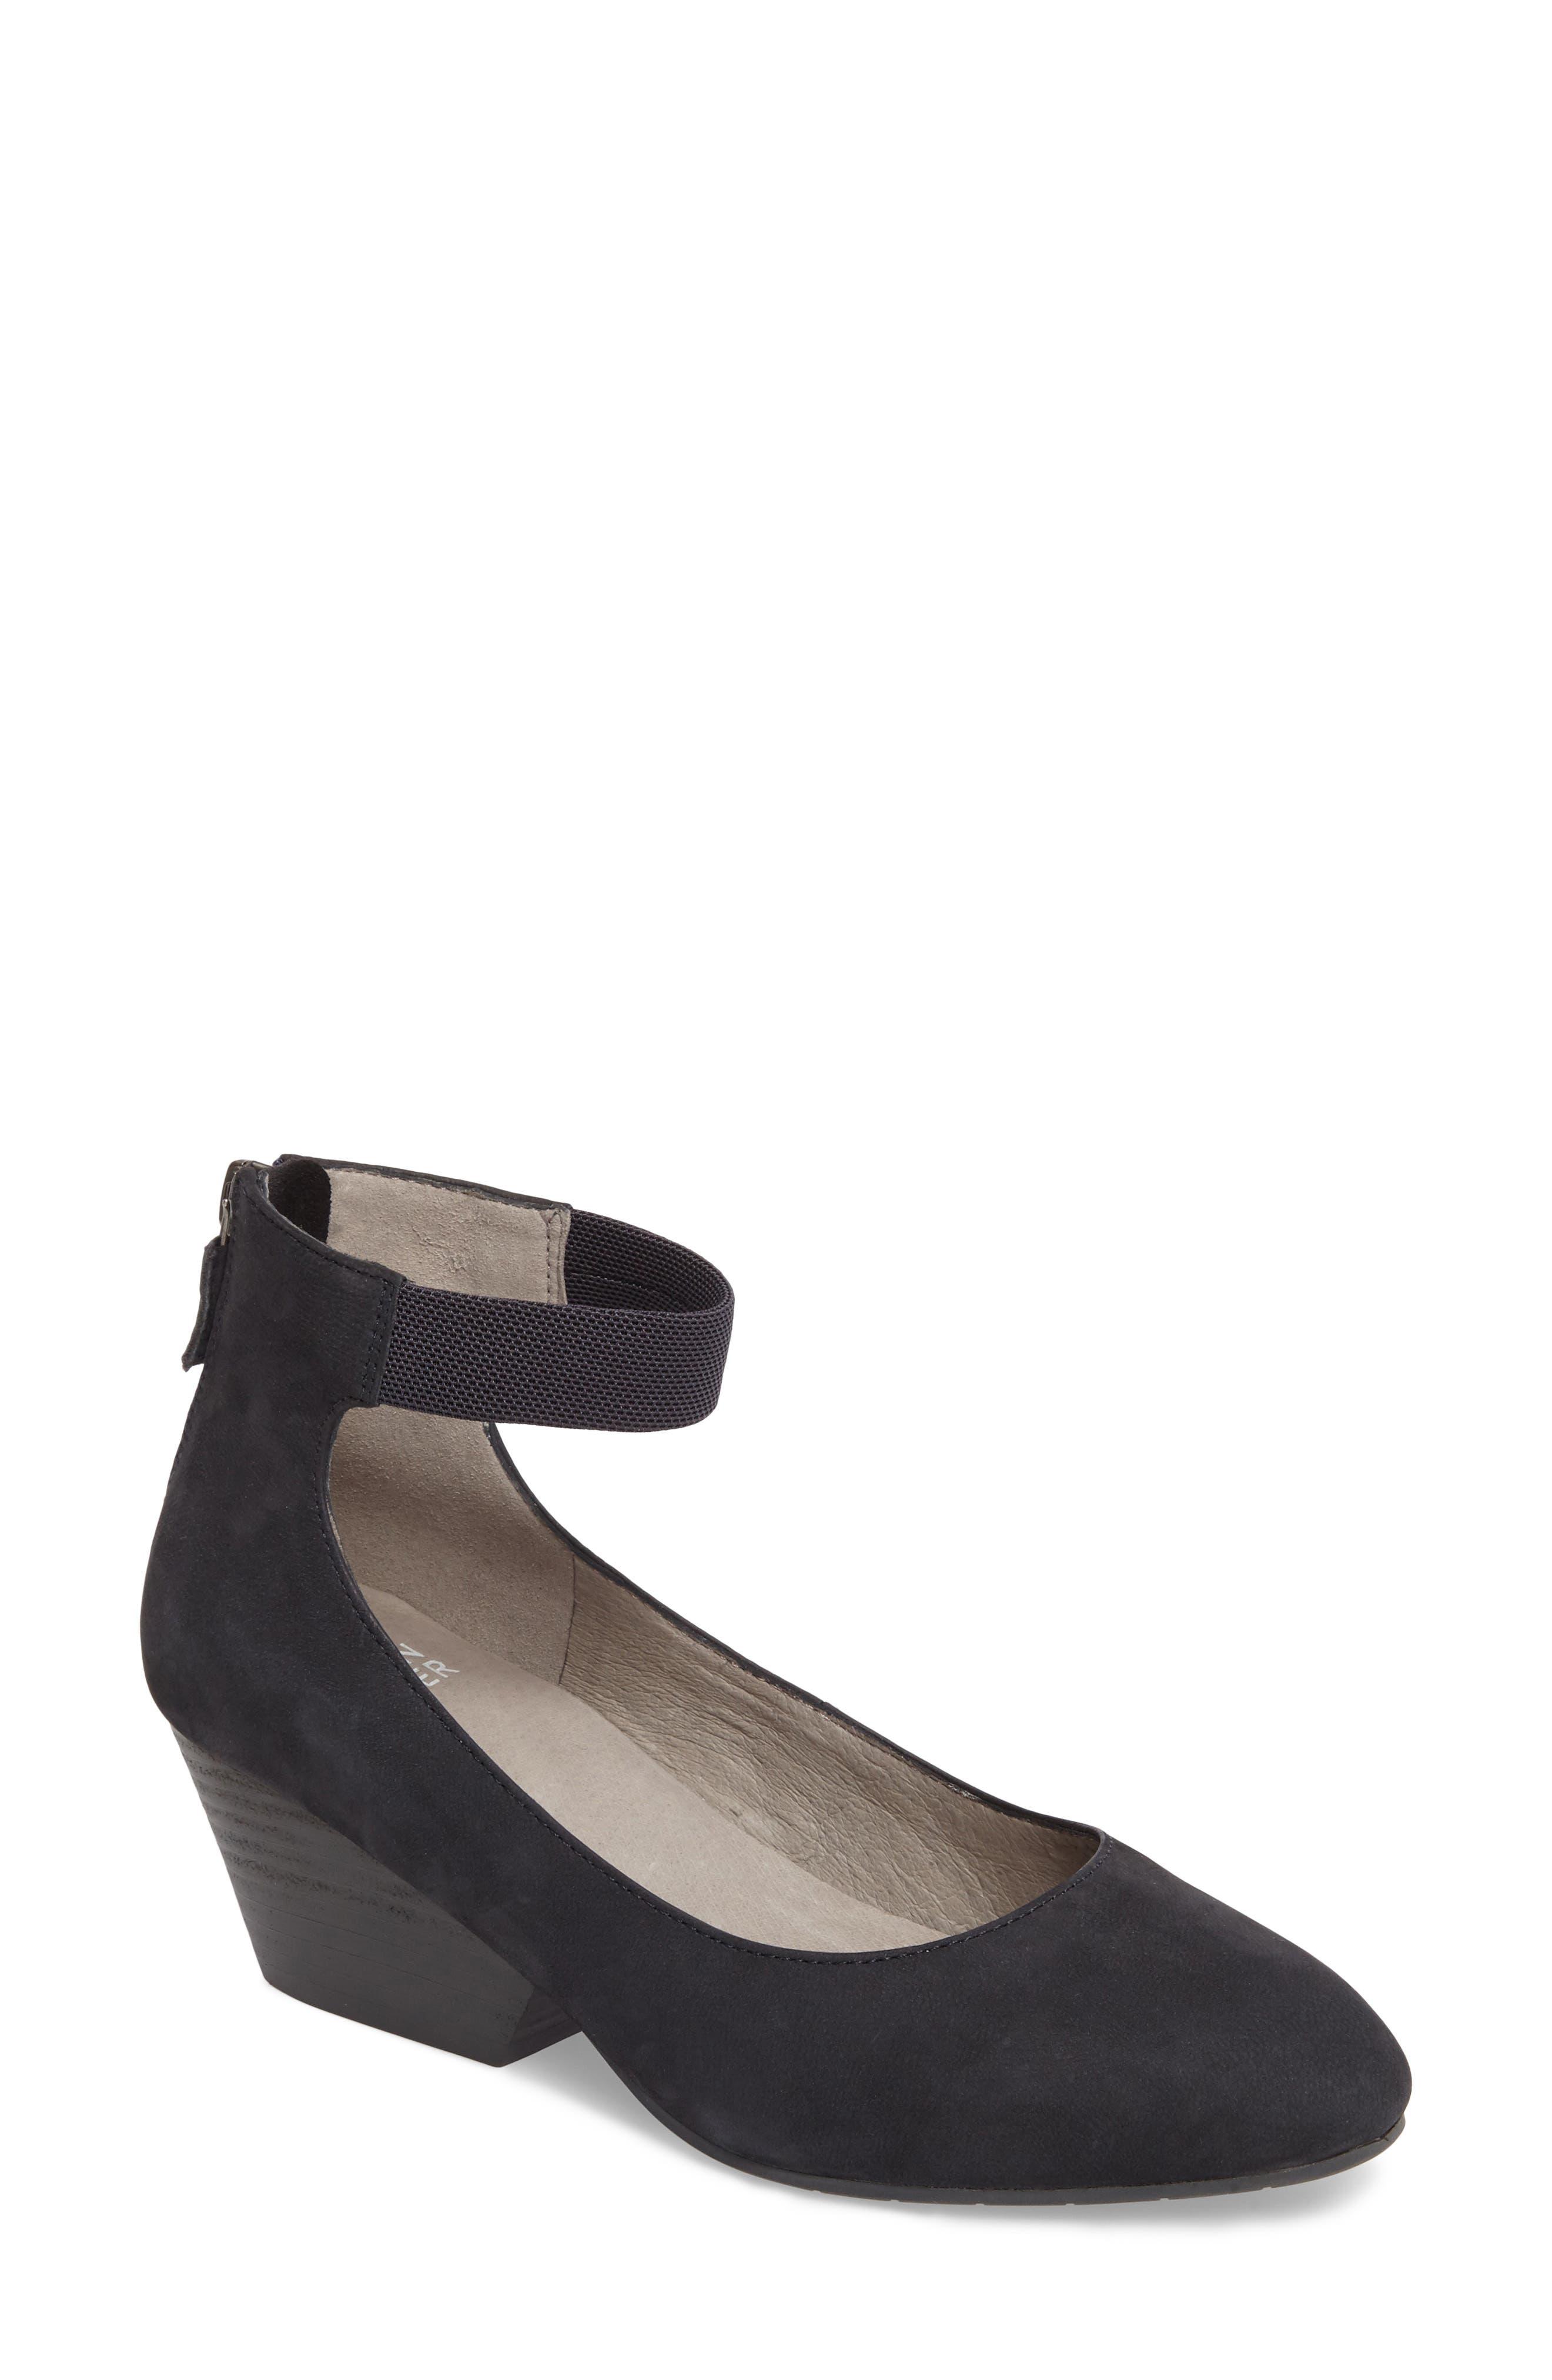 Eileen Fisher 'Liz' Ankle Strap Pump (Women)